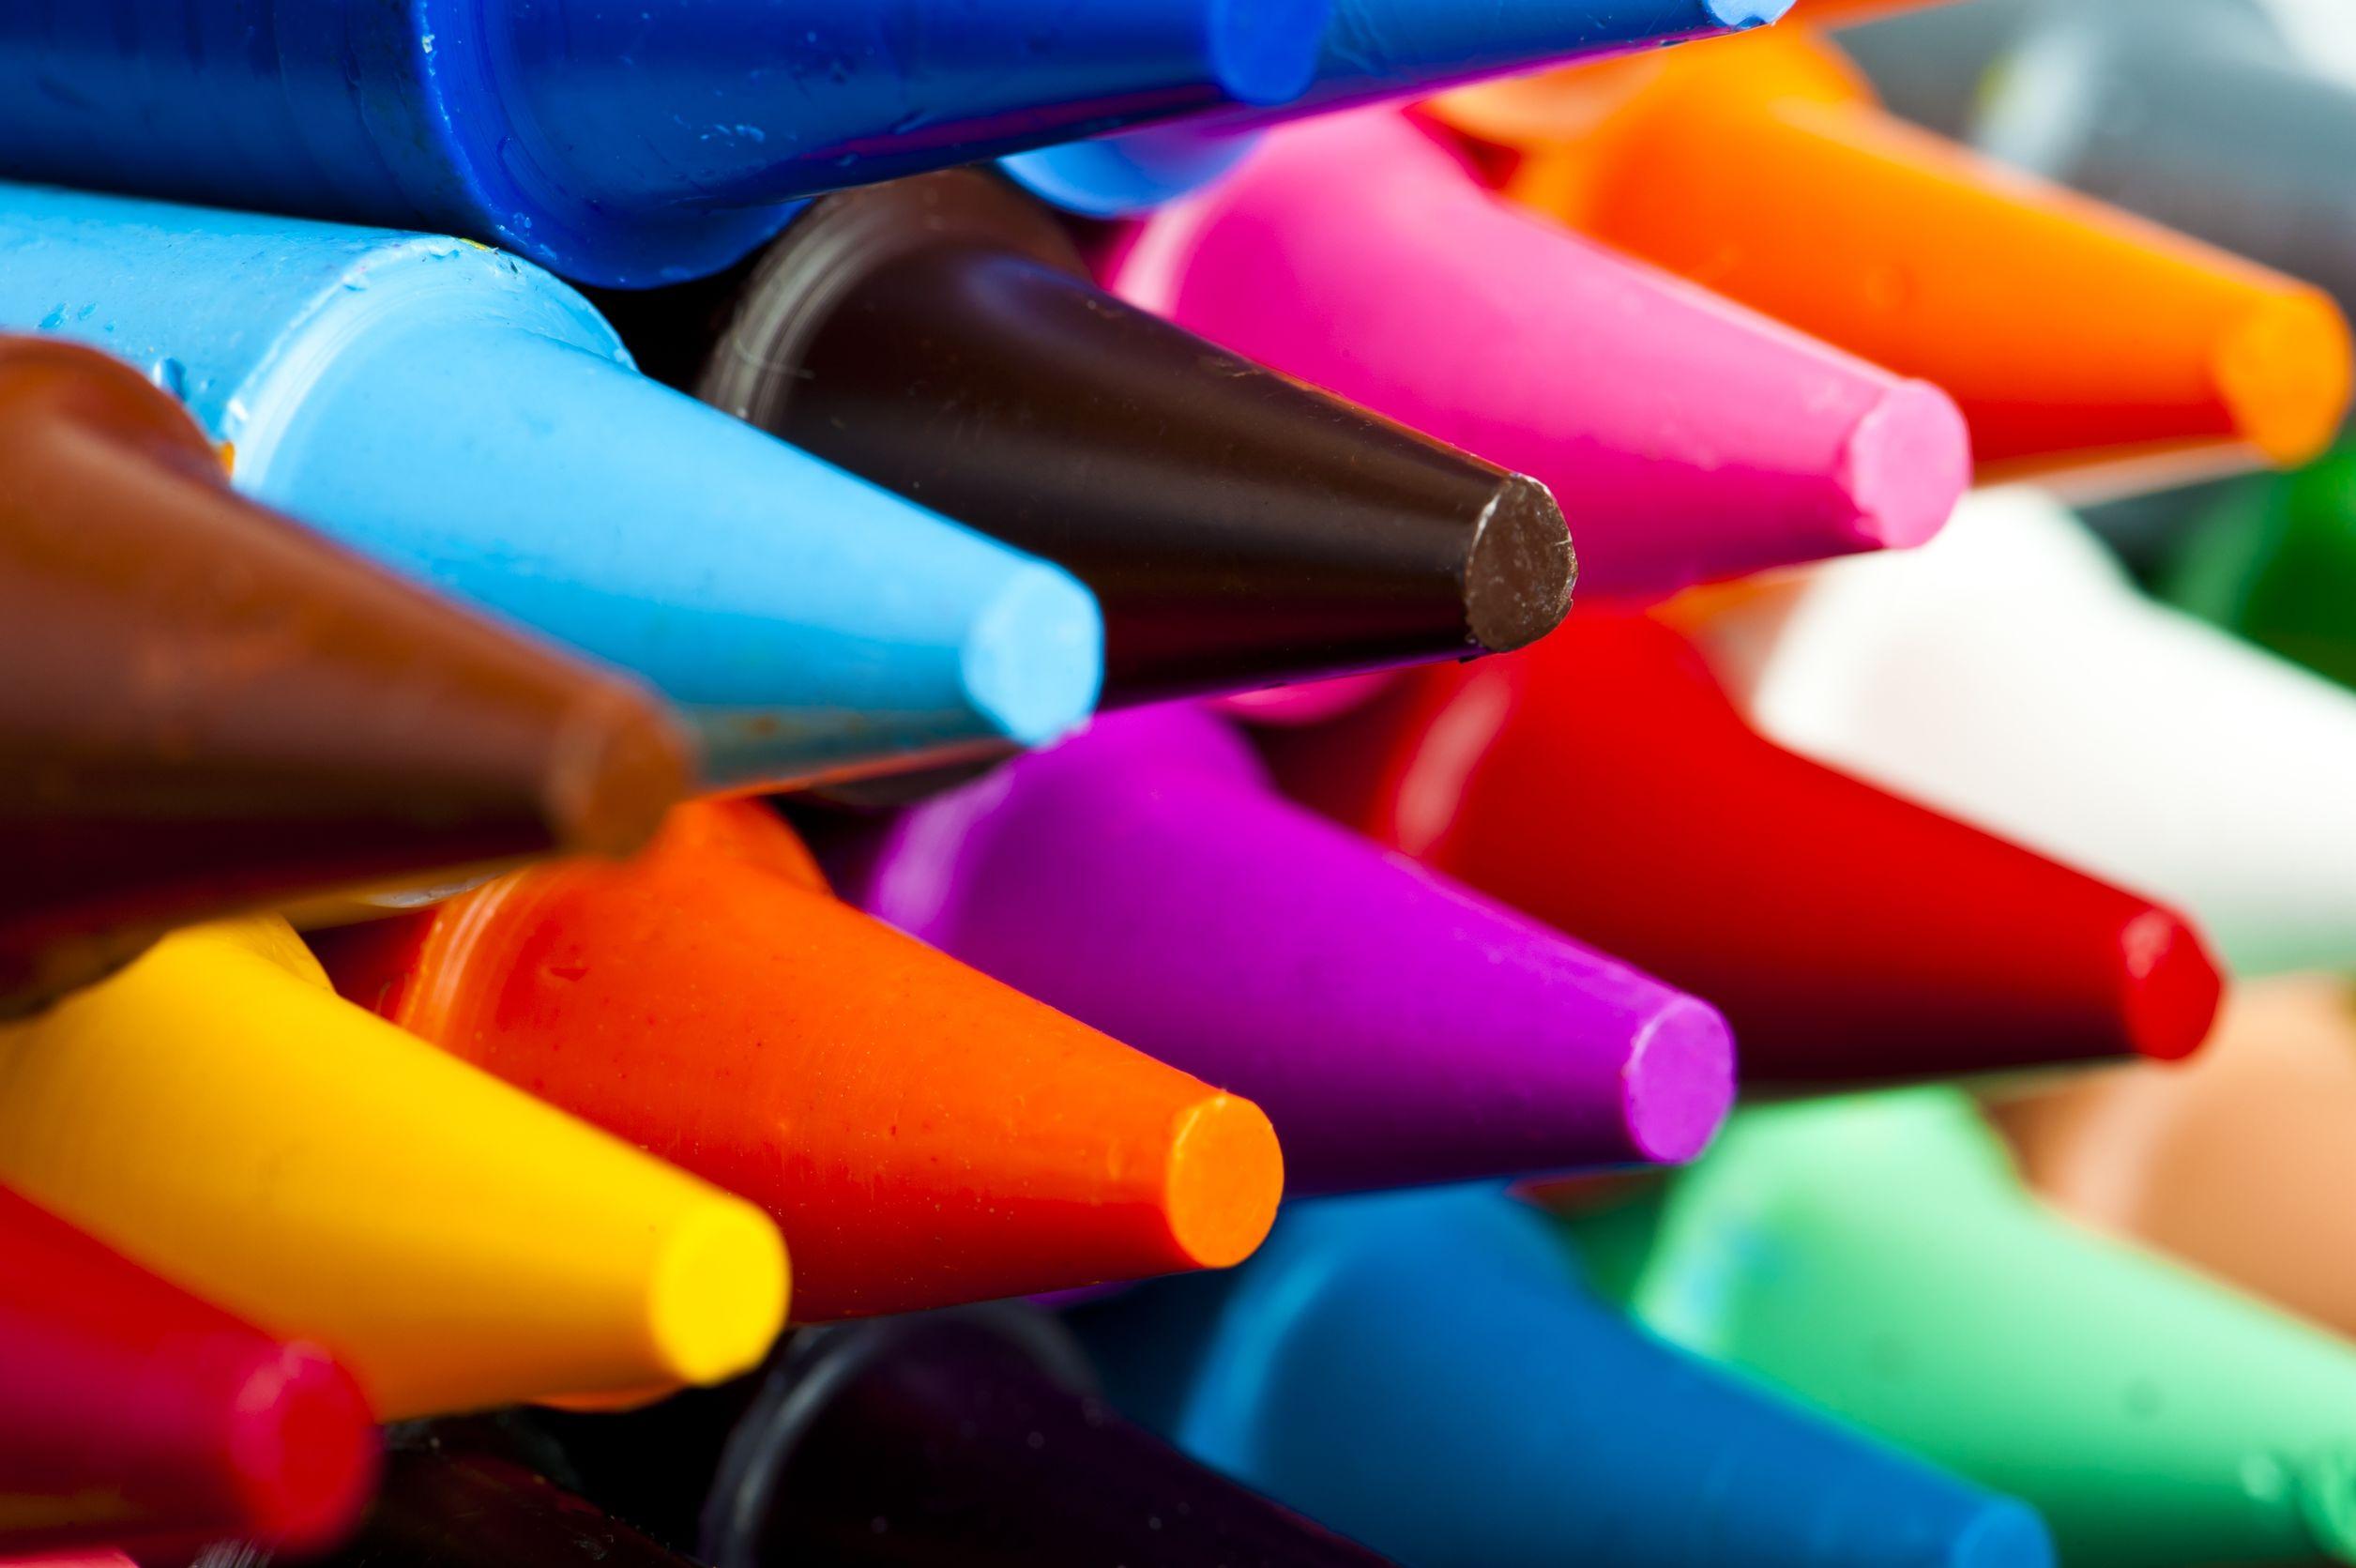 Buntstifte: Test & Empfehlungen (07/20)